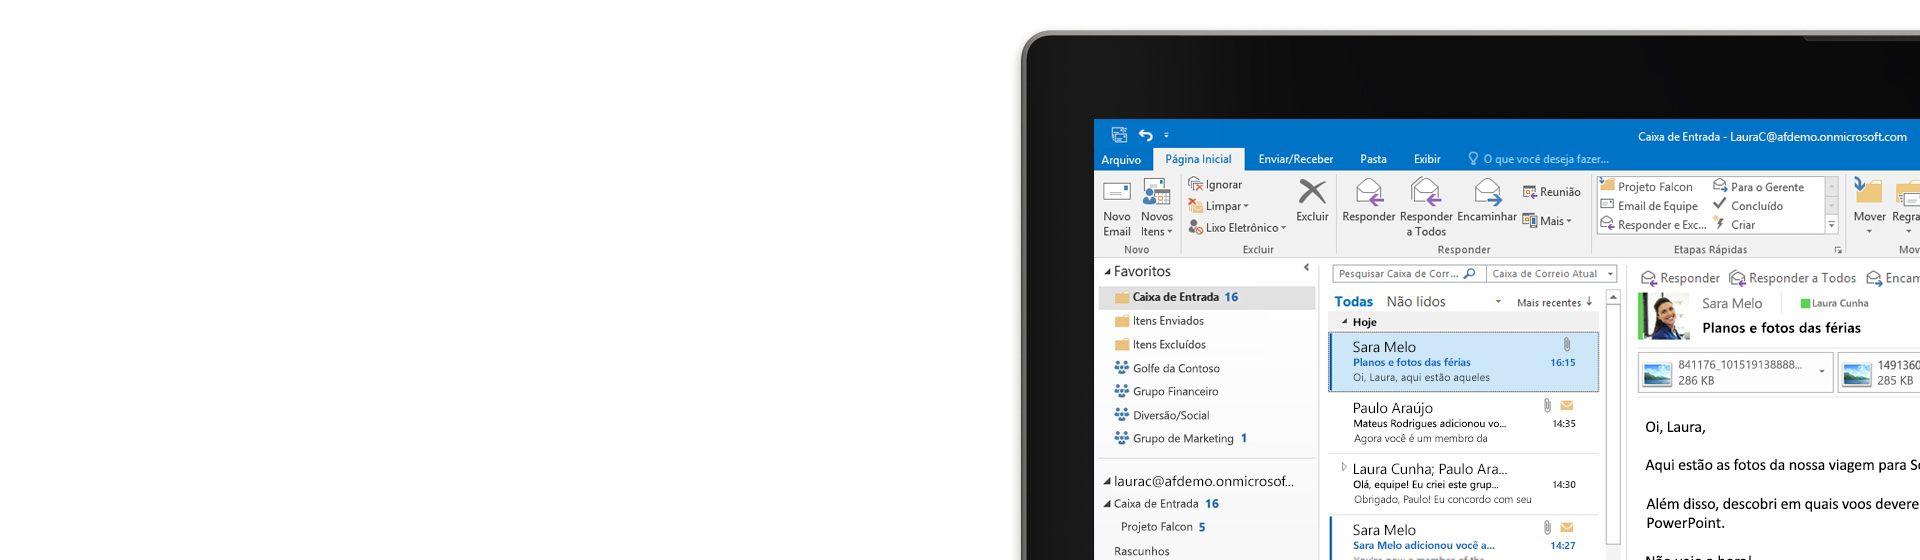 Microsoft Outlook em execução em um tablet com uma janela de visualização de mensagens aberta